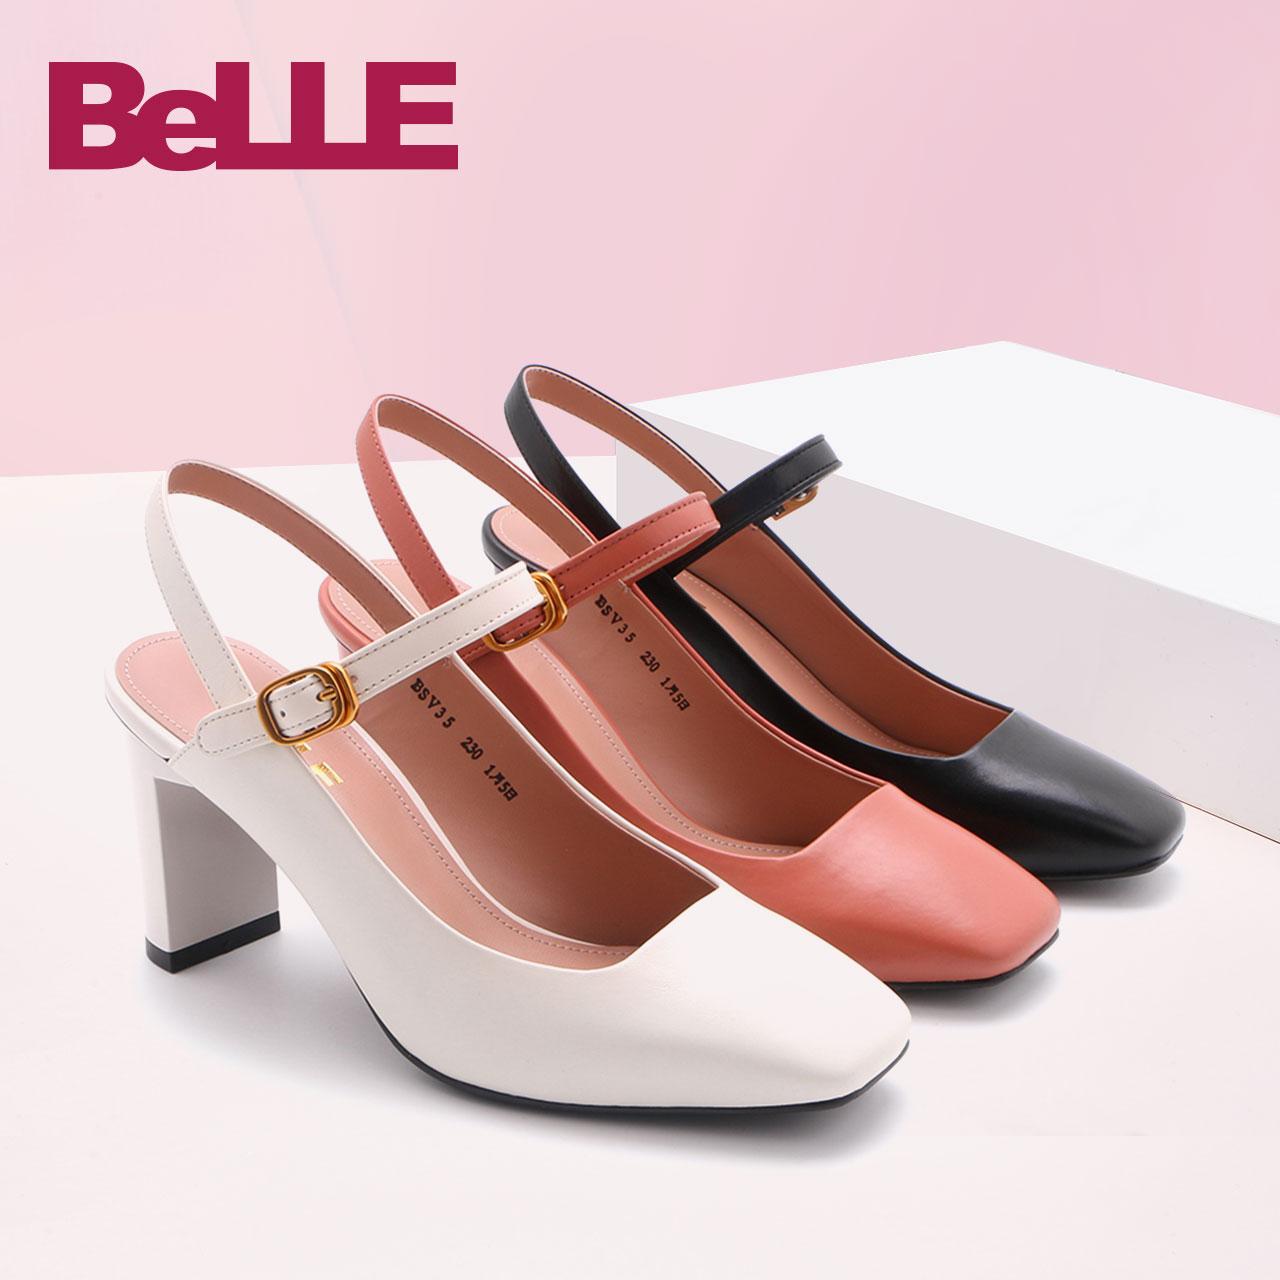 Belle-百丽凉鞋18夏新款商场同款胎牛皮粗高跟女鞋BSV35BH8